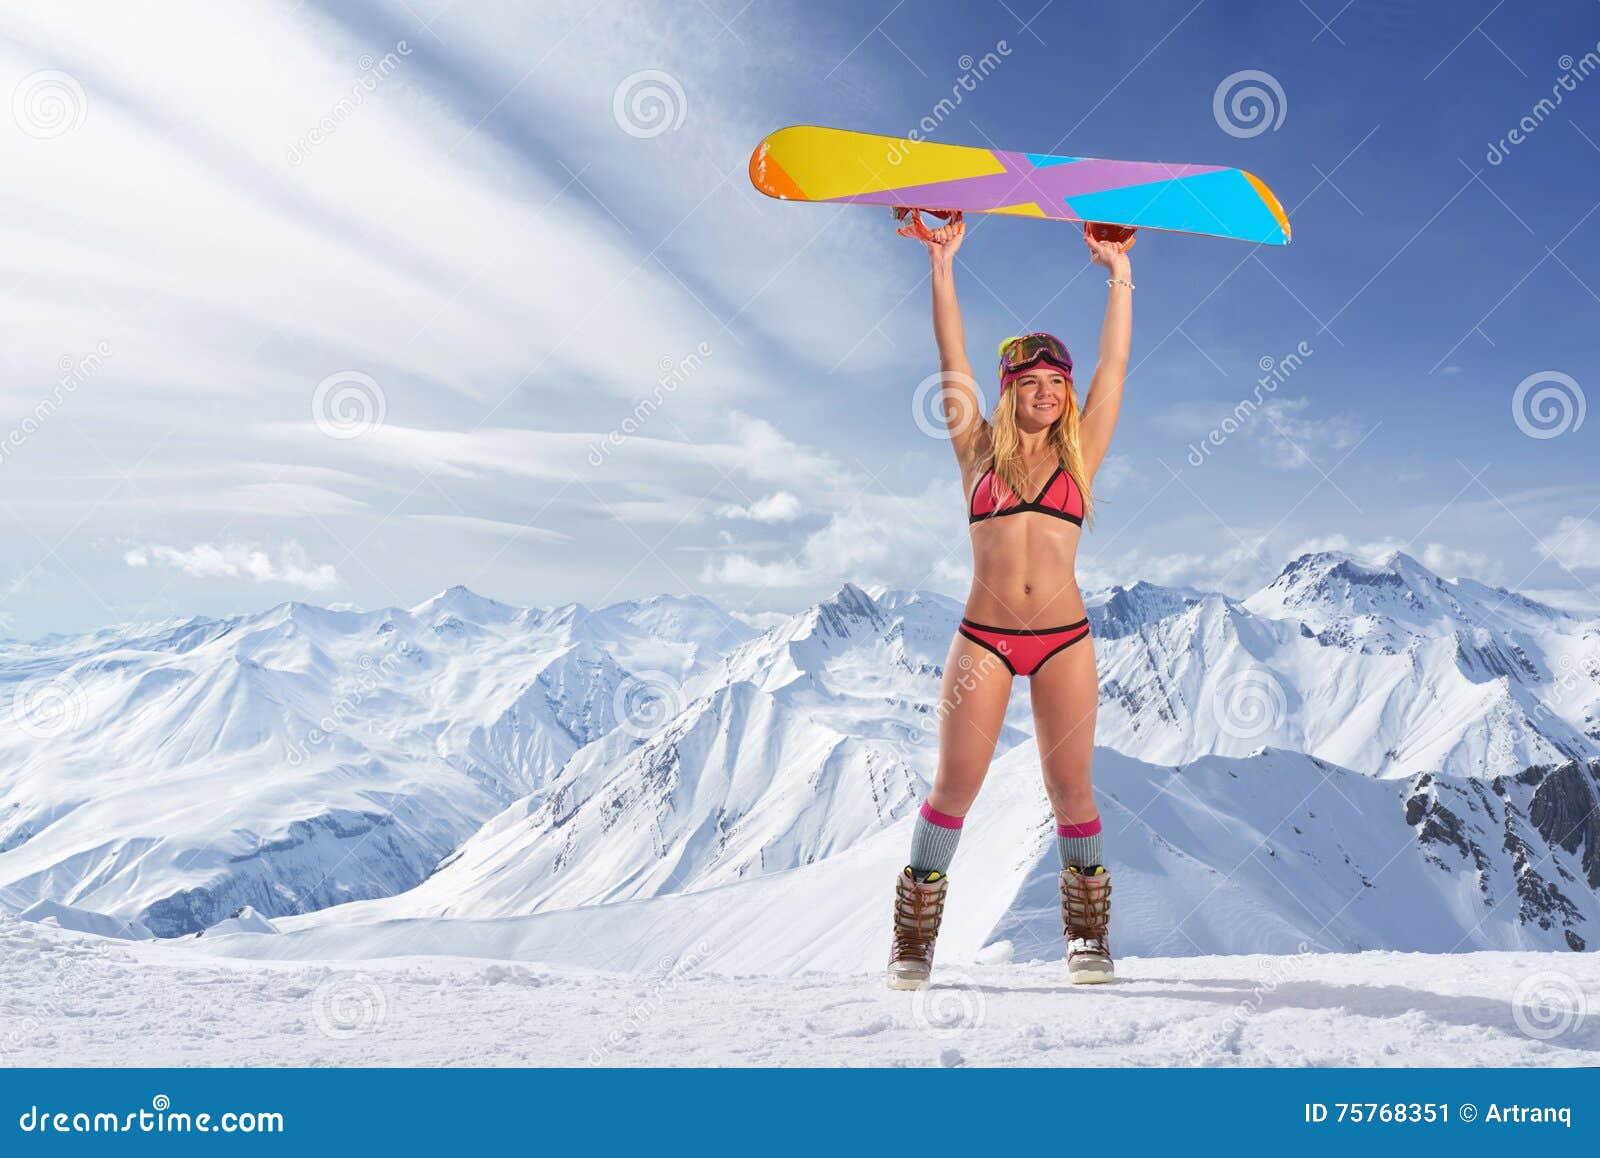 Сексуальная девушка в бикини на сноуборде